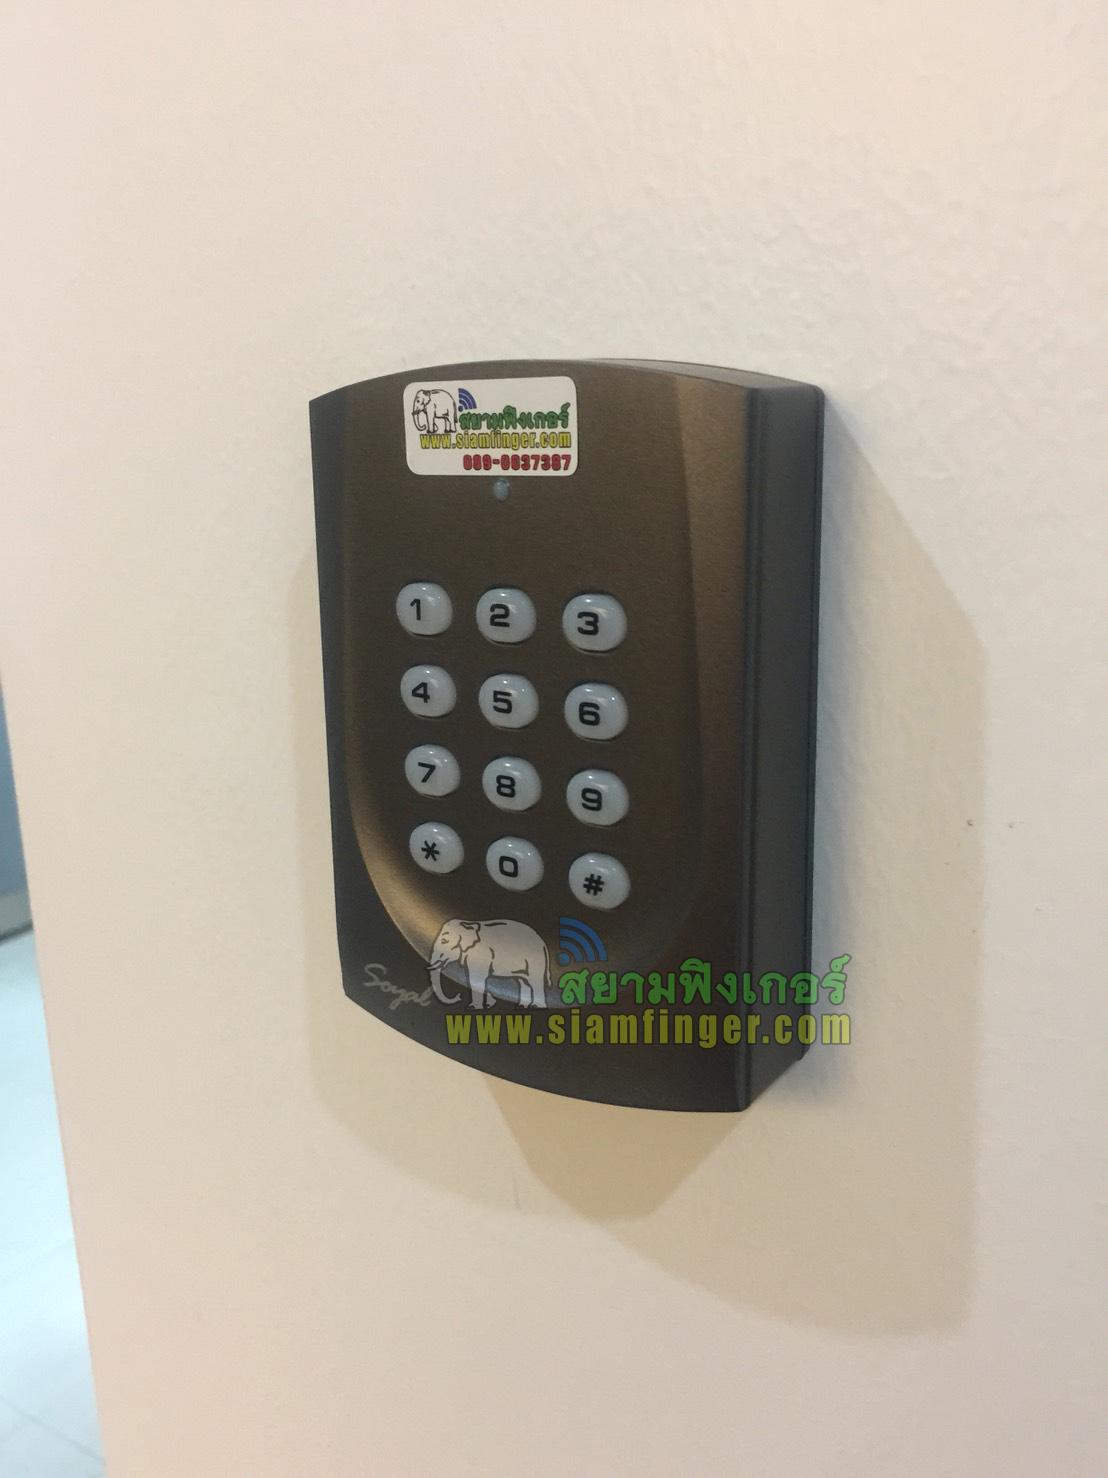 เครื่องคีย์การ์ด ประตูคีย์การ์ด KeyCard AccessControl Soyal AR-721HV3